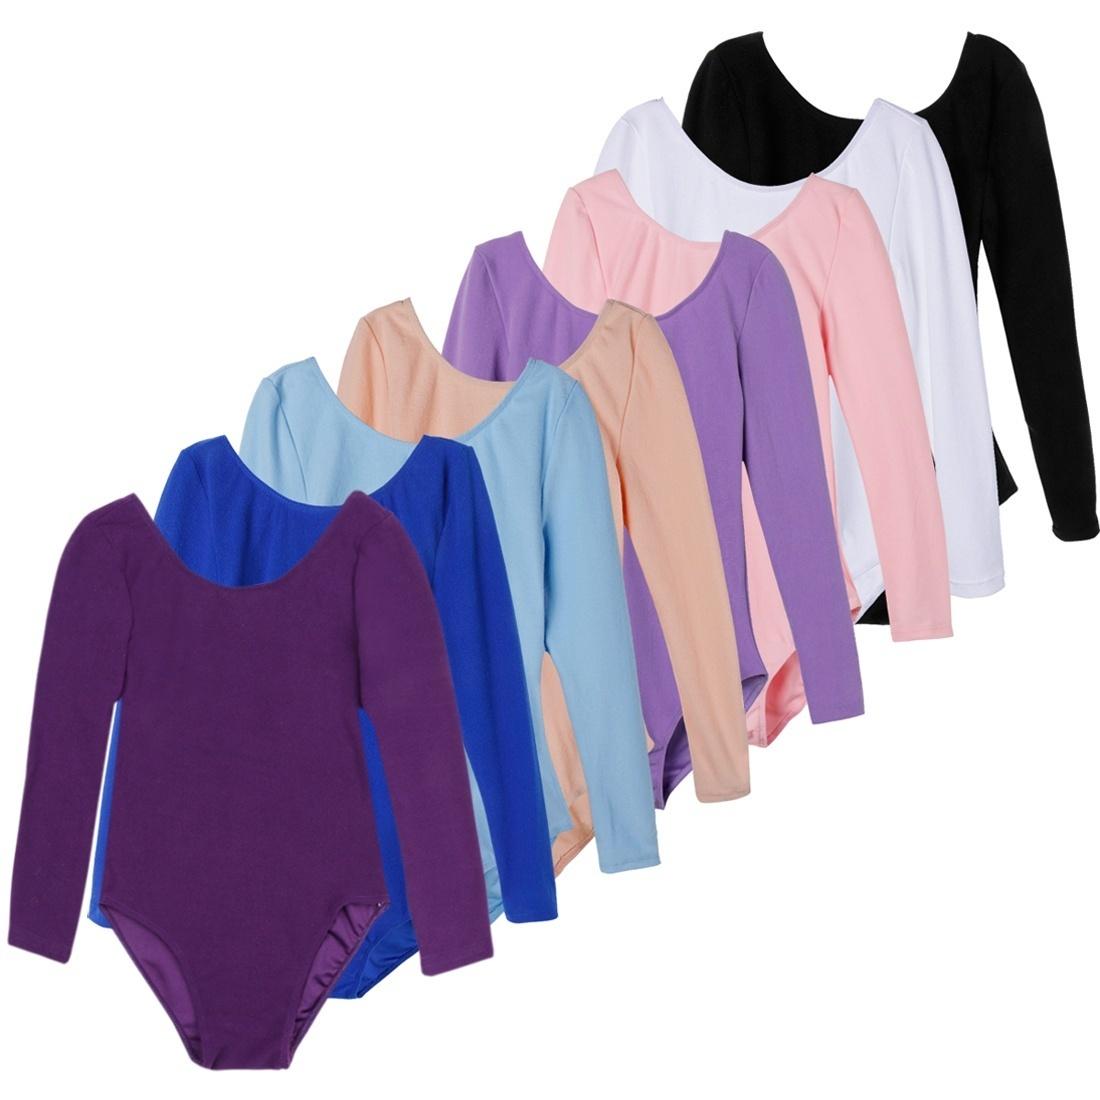 598ce58ff Qoo10 - Toddler Kids Girls Gymnastics Ballet Dress Long Sleeve ...